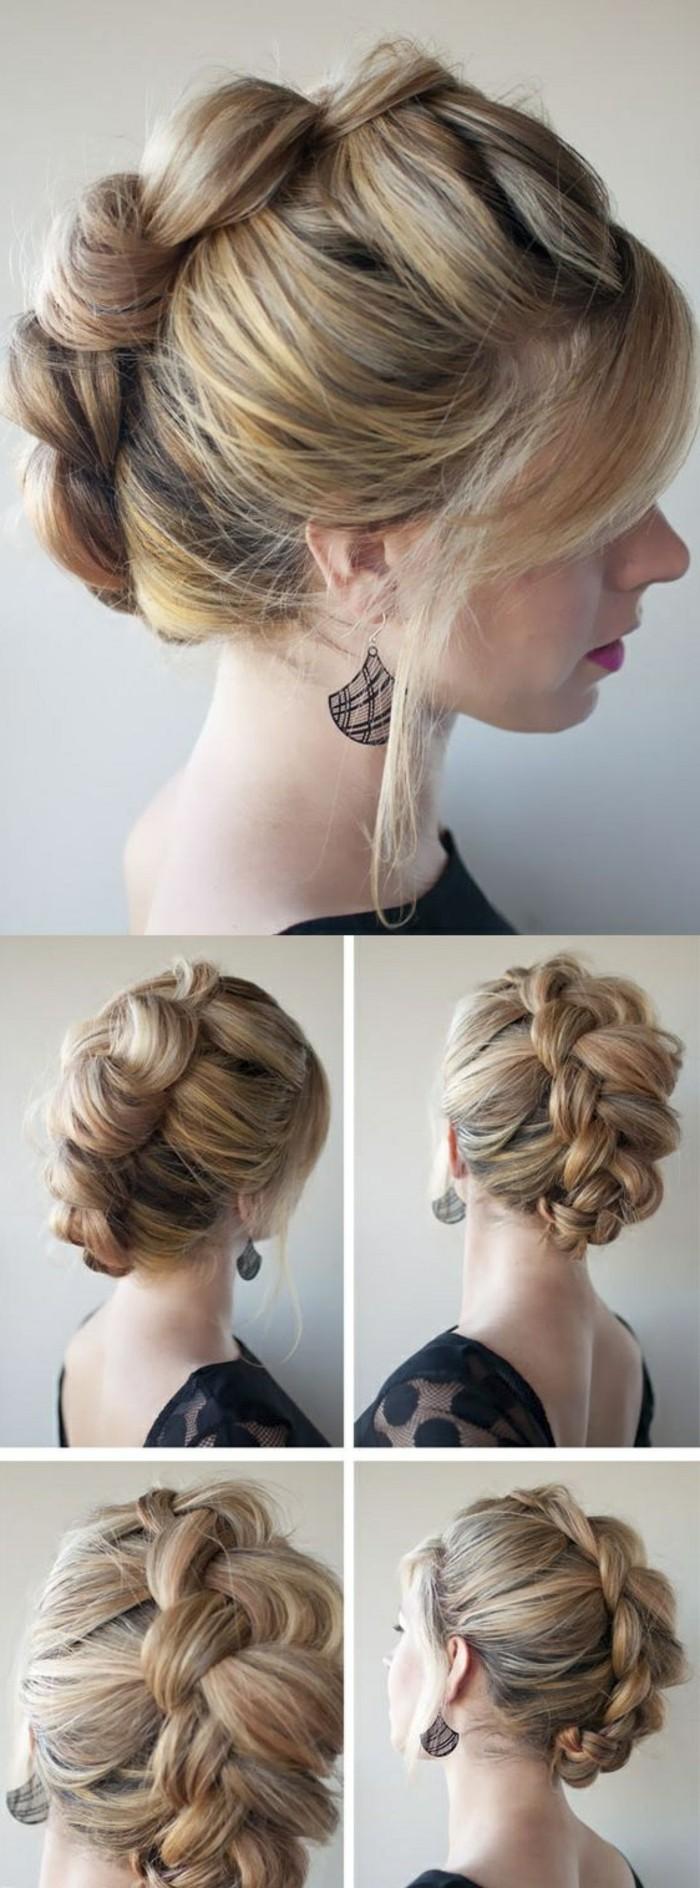 recogidos con trenzas fáciles y originales paso a paso, las mejores propuestas de peinados fáciles